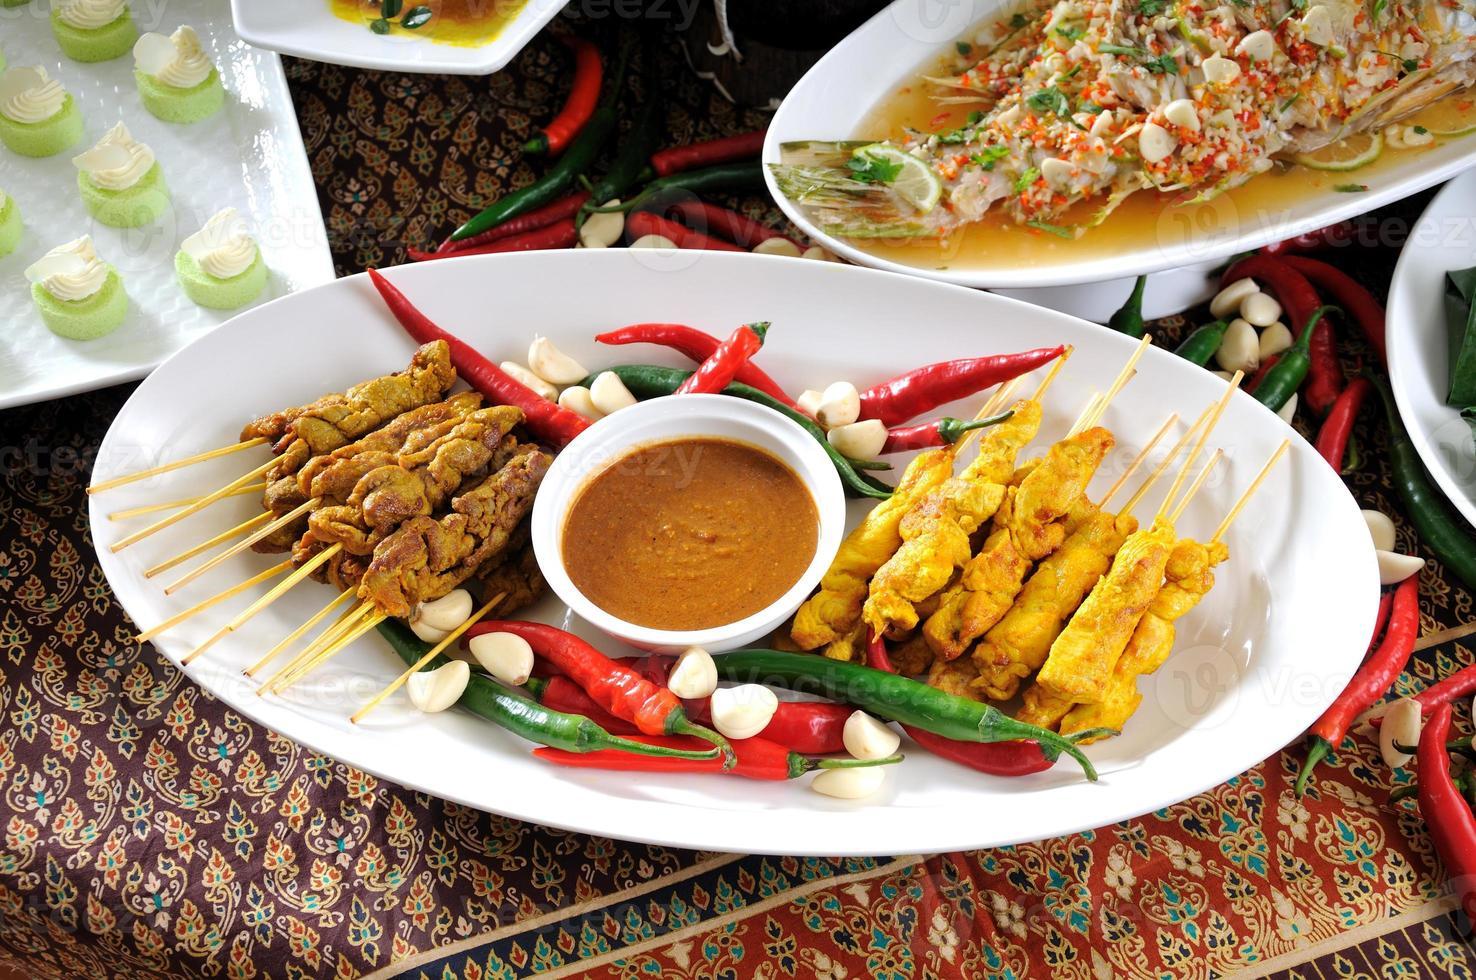 thailändische Küche, Hühnchen-Satay, Rindfleisch-Satay. foto